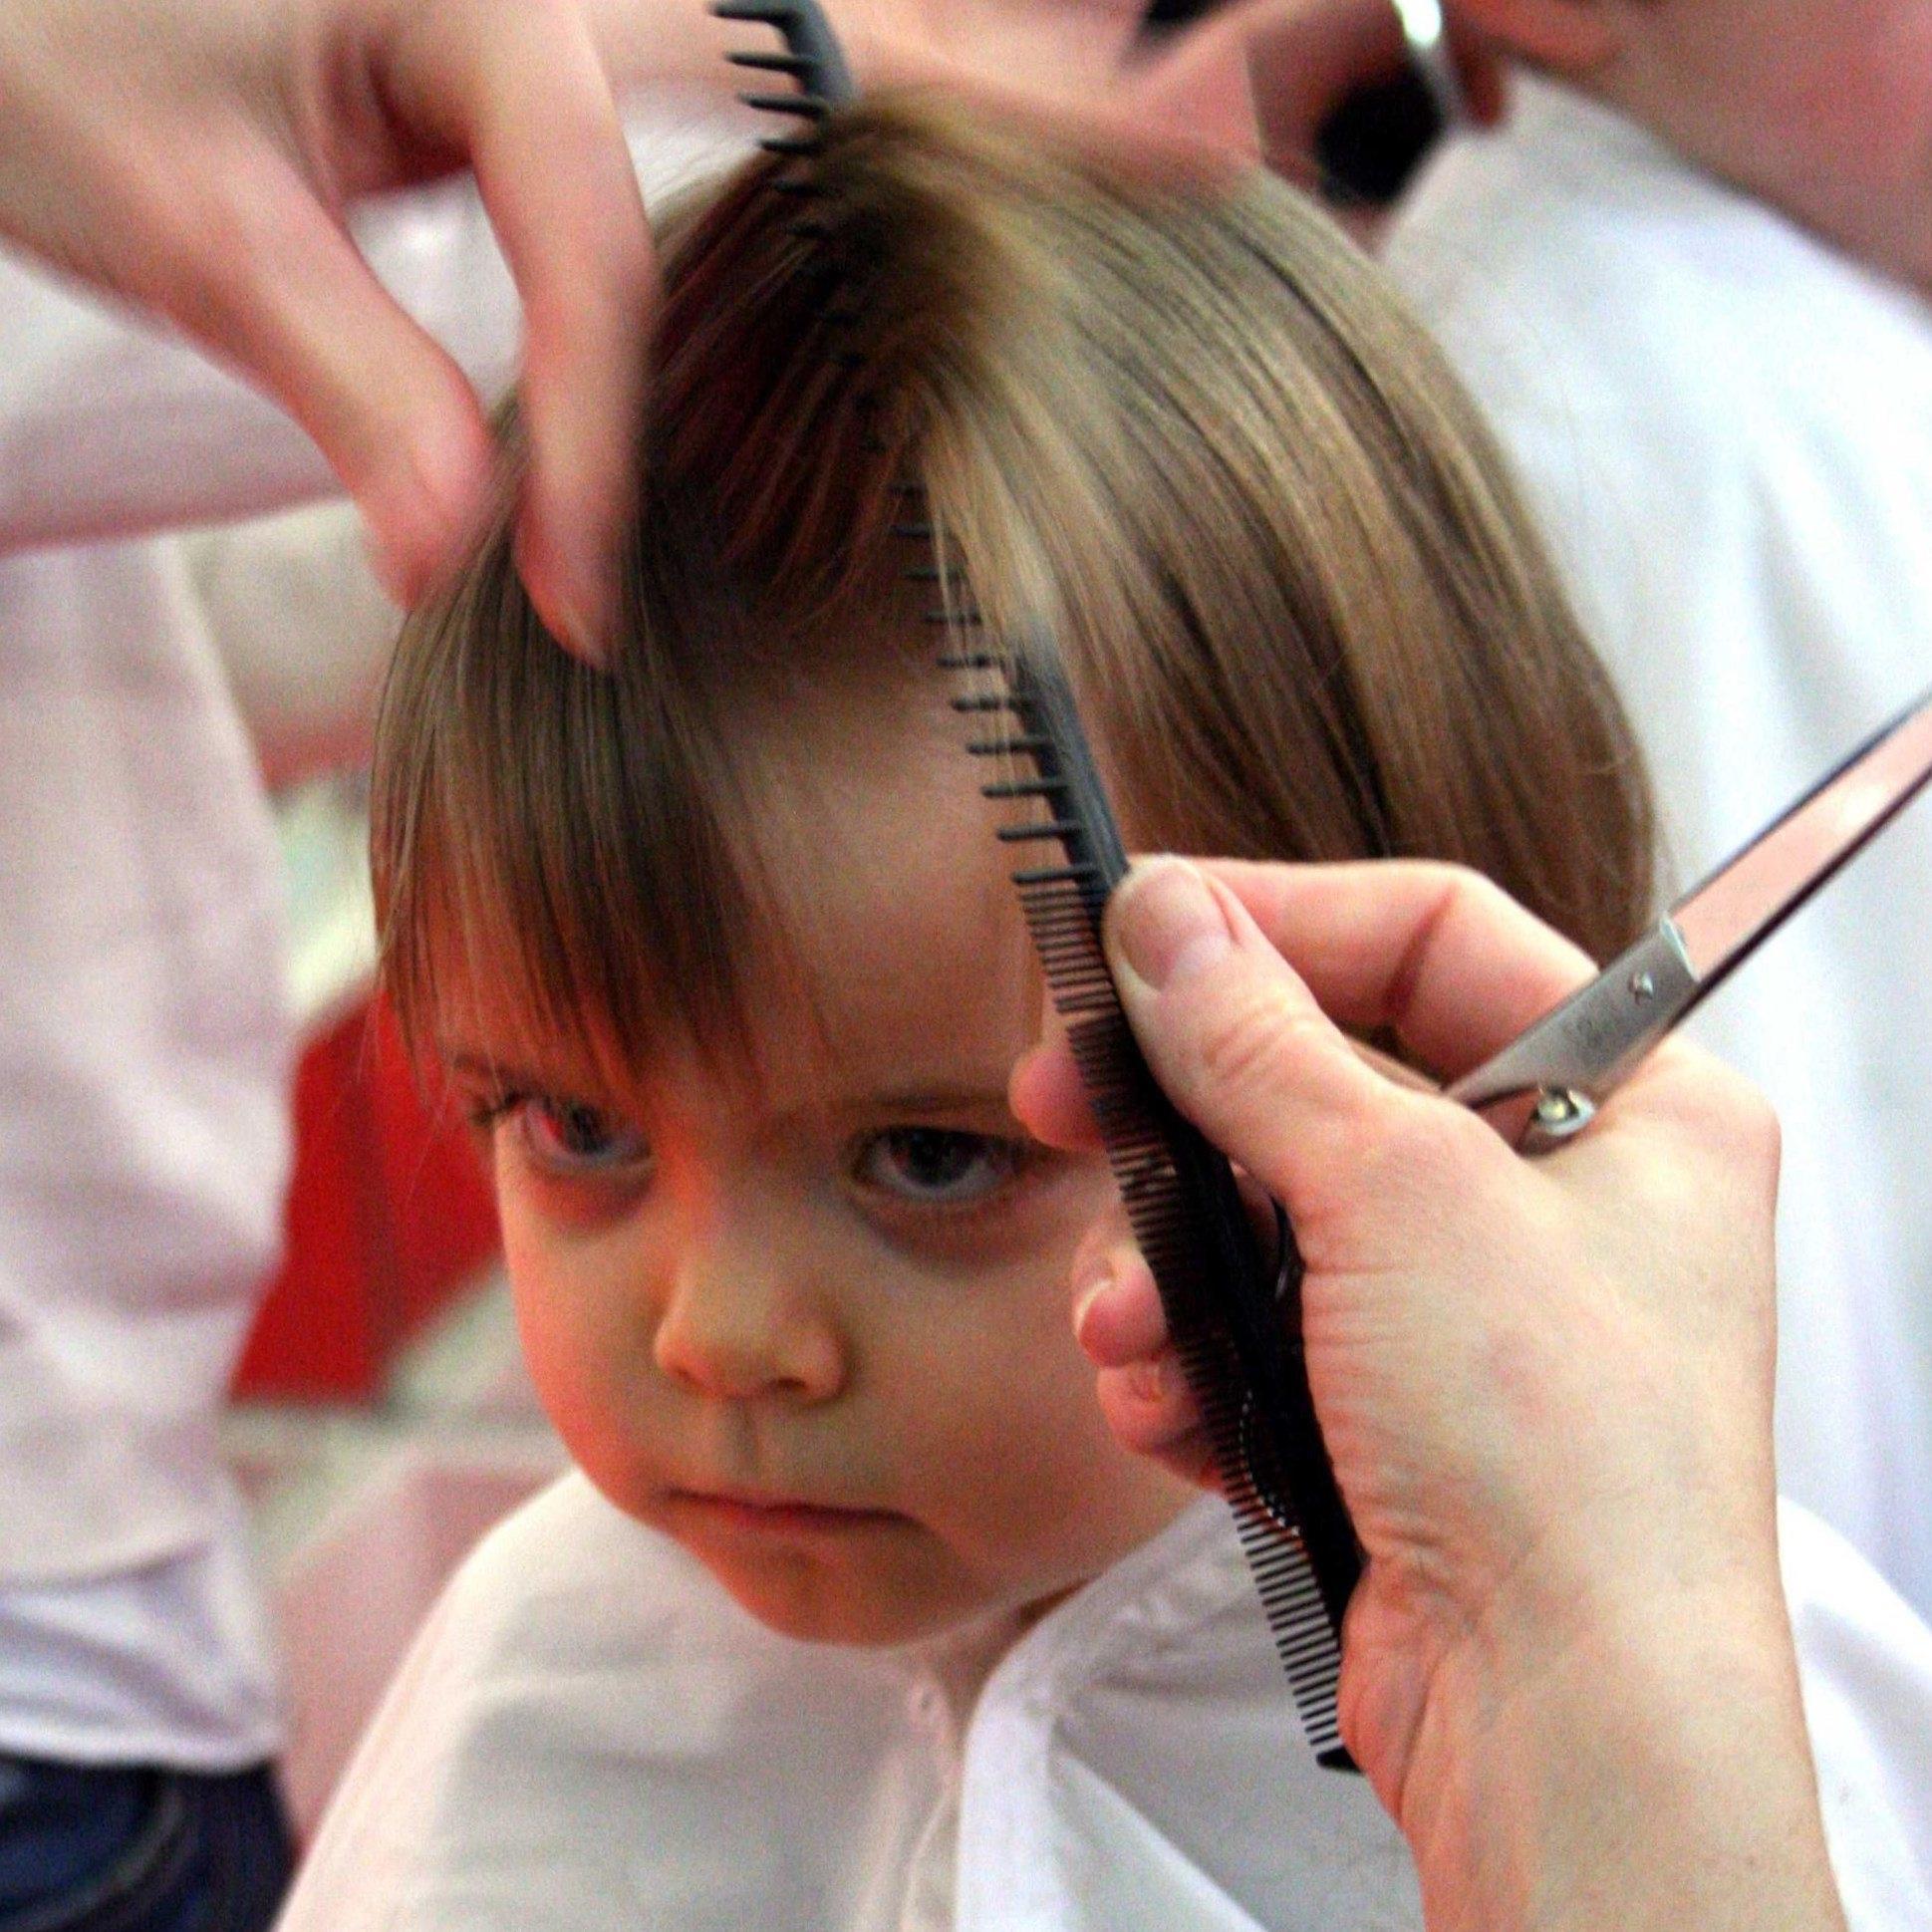 Coiffure fille 2 ans tutoriels coiffures fille 2 ans coiffure simple et facile - Coiffure pour petite fille de 4 ans ...